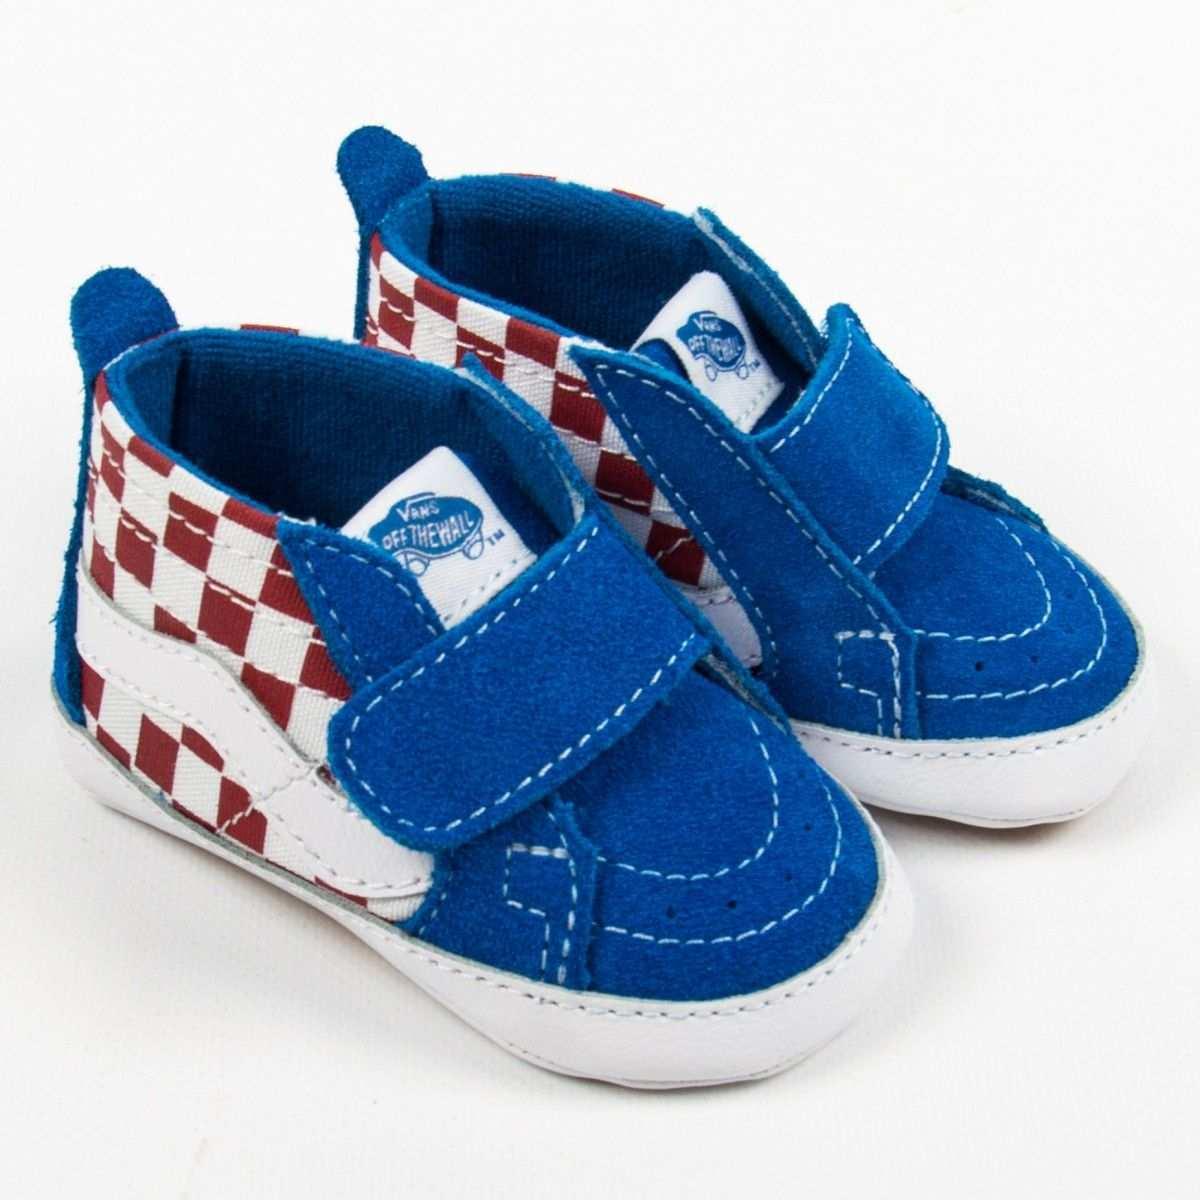 Vans Sk8 Hi Crib Blaue Sneakers Mit Rotem Checkerboard Muster Vans Checkerboard Vans Sk8 Baby Shoes